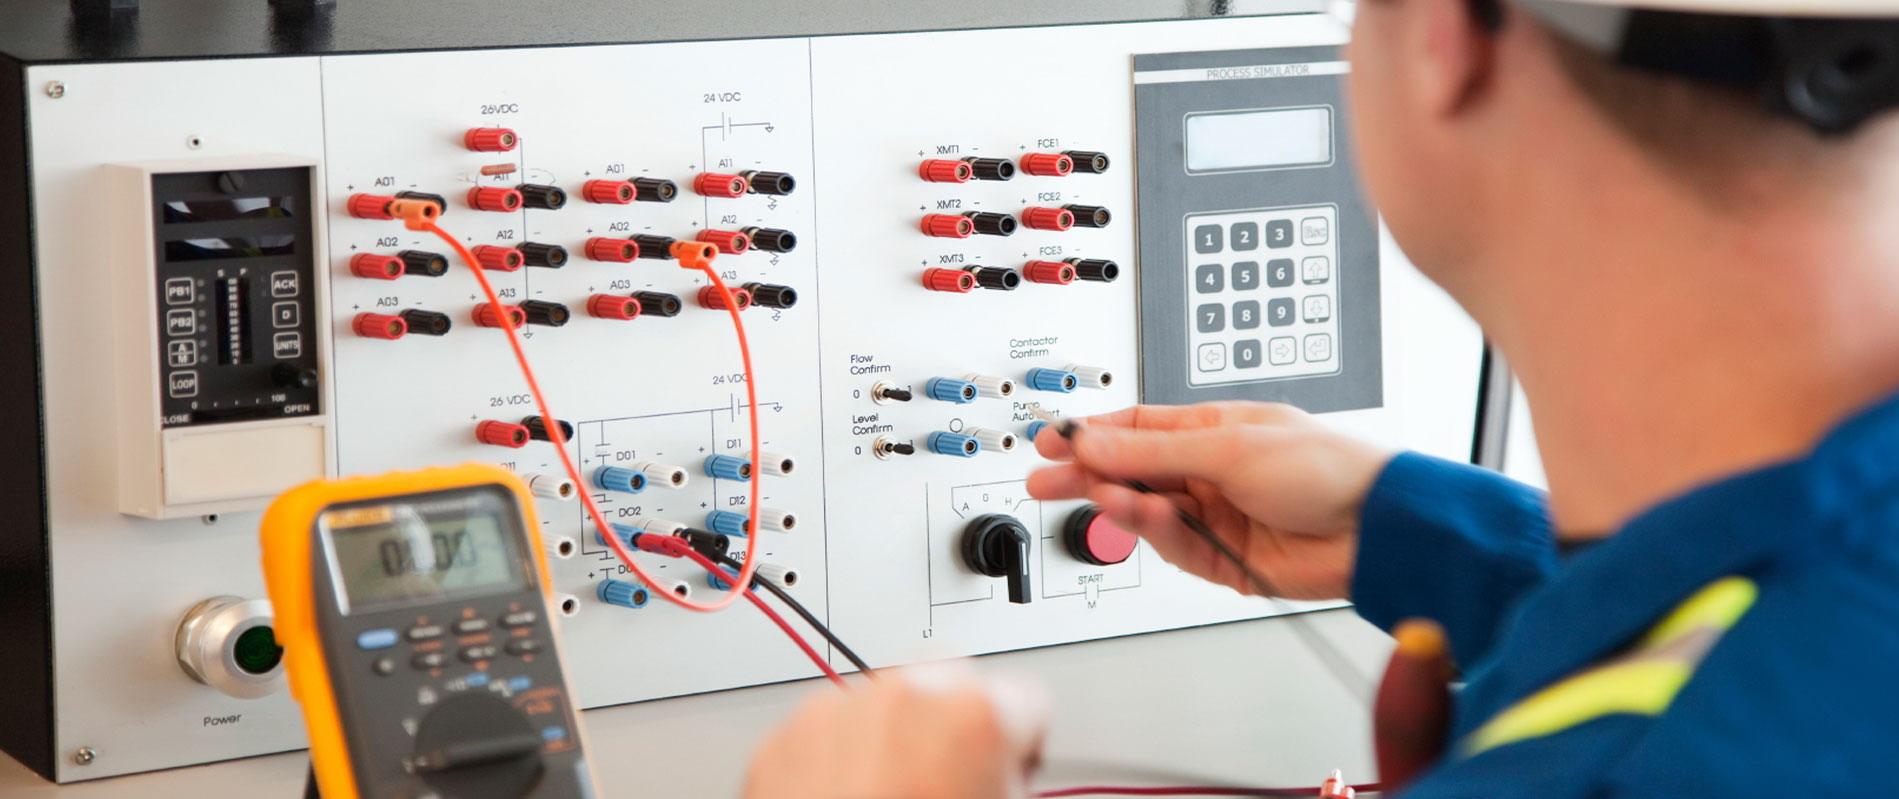 Calibration and Repair facility